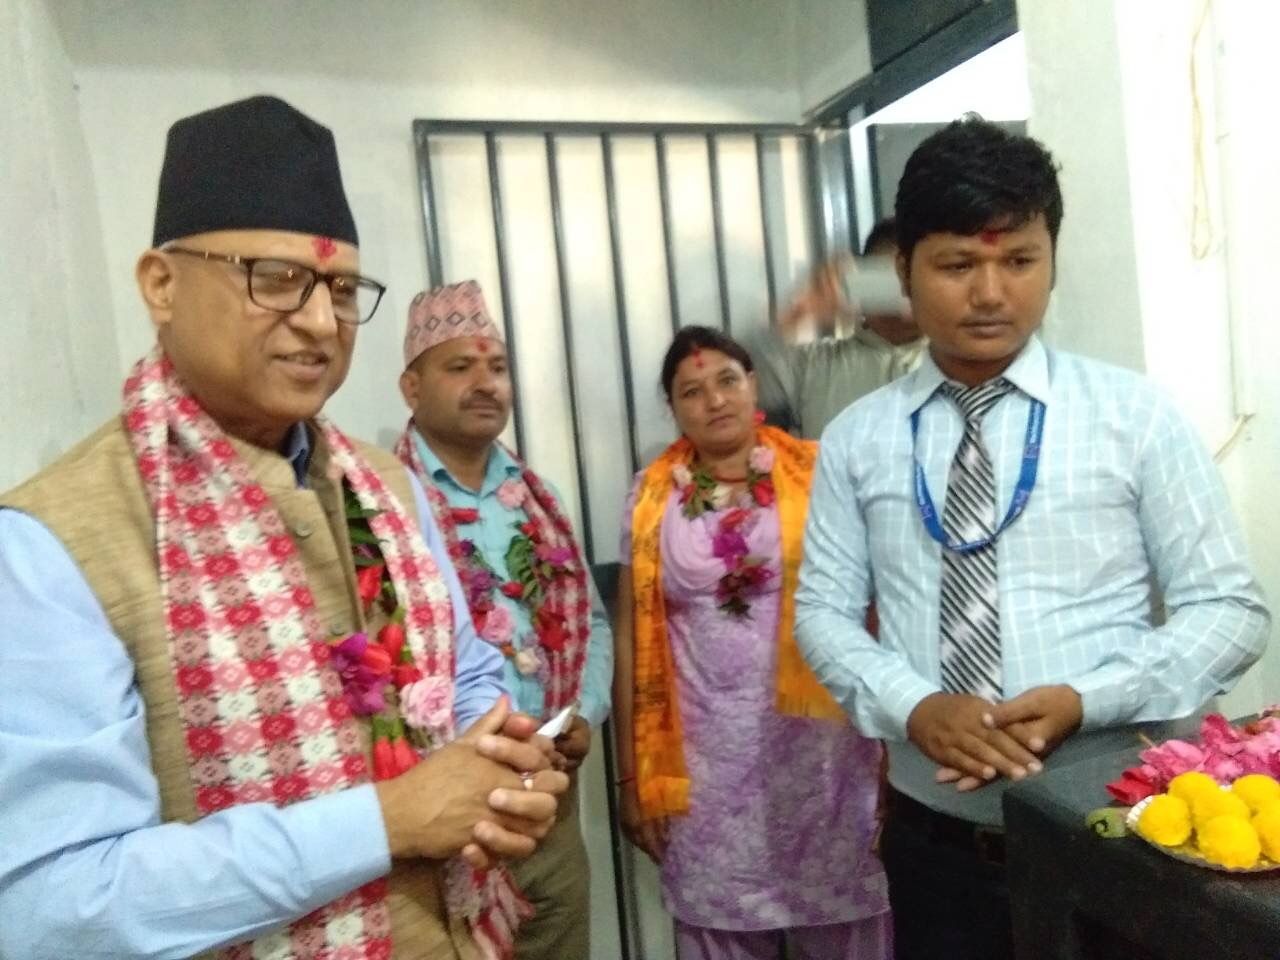 माछापुच्छ्रे बैंकको थप ४ नयाँ स्थानबाट बैंकिङ्ग सेवा